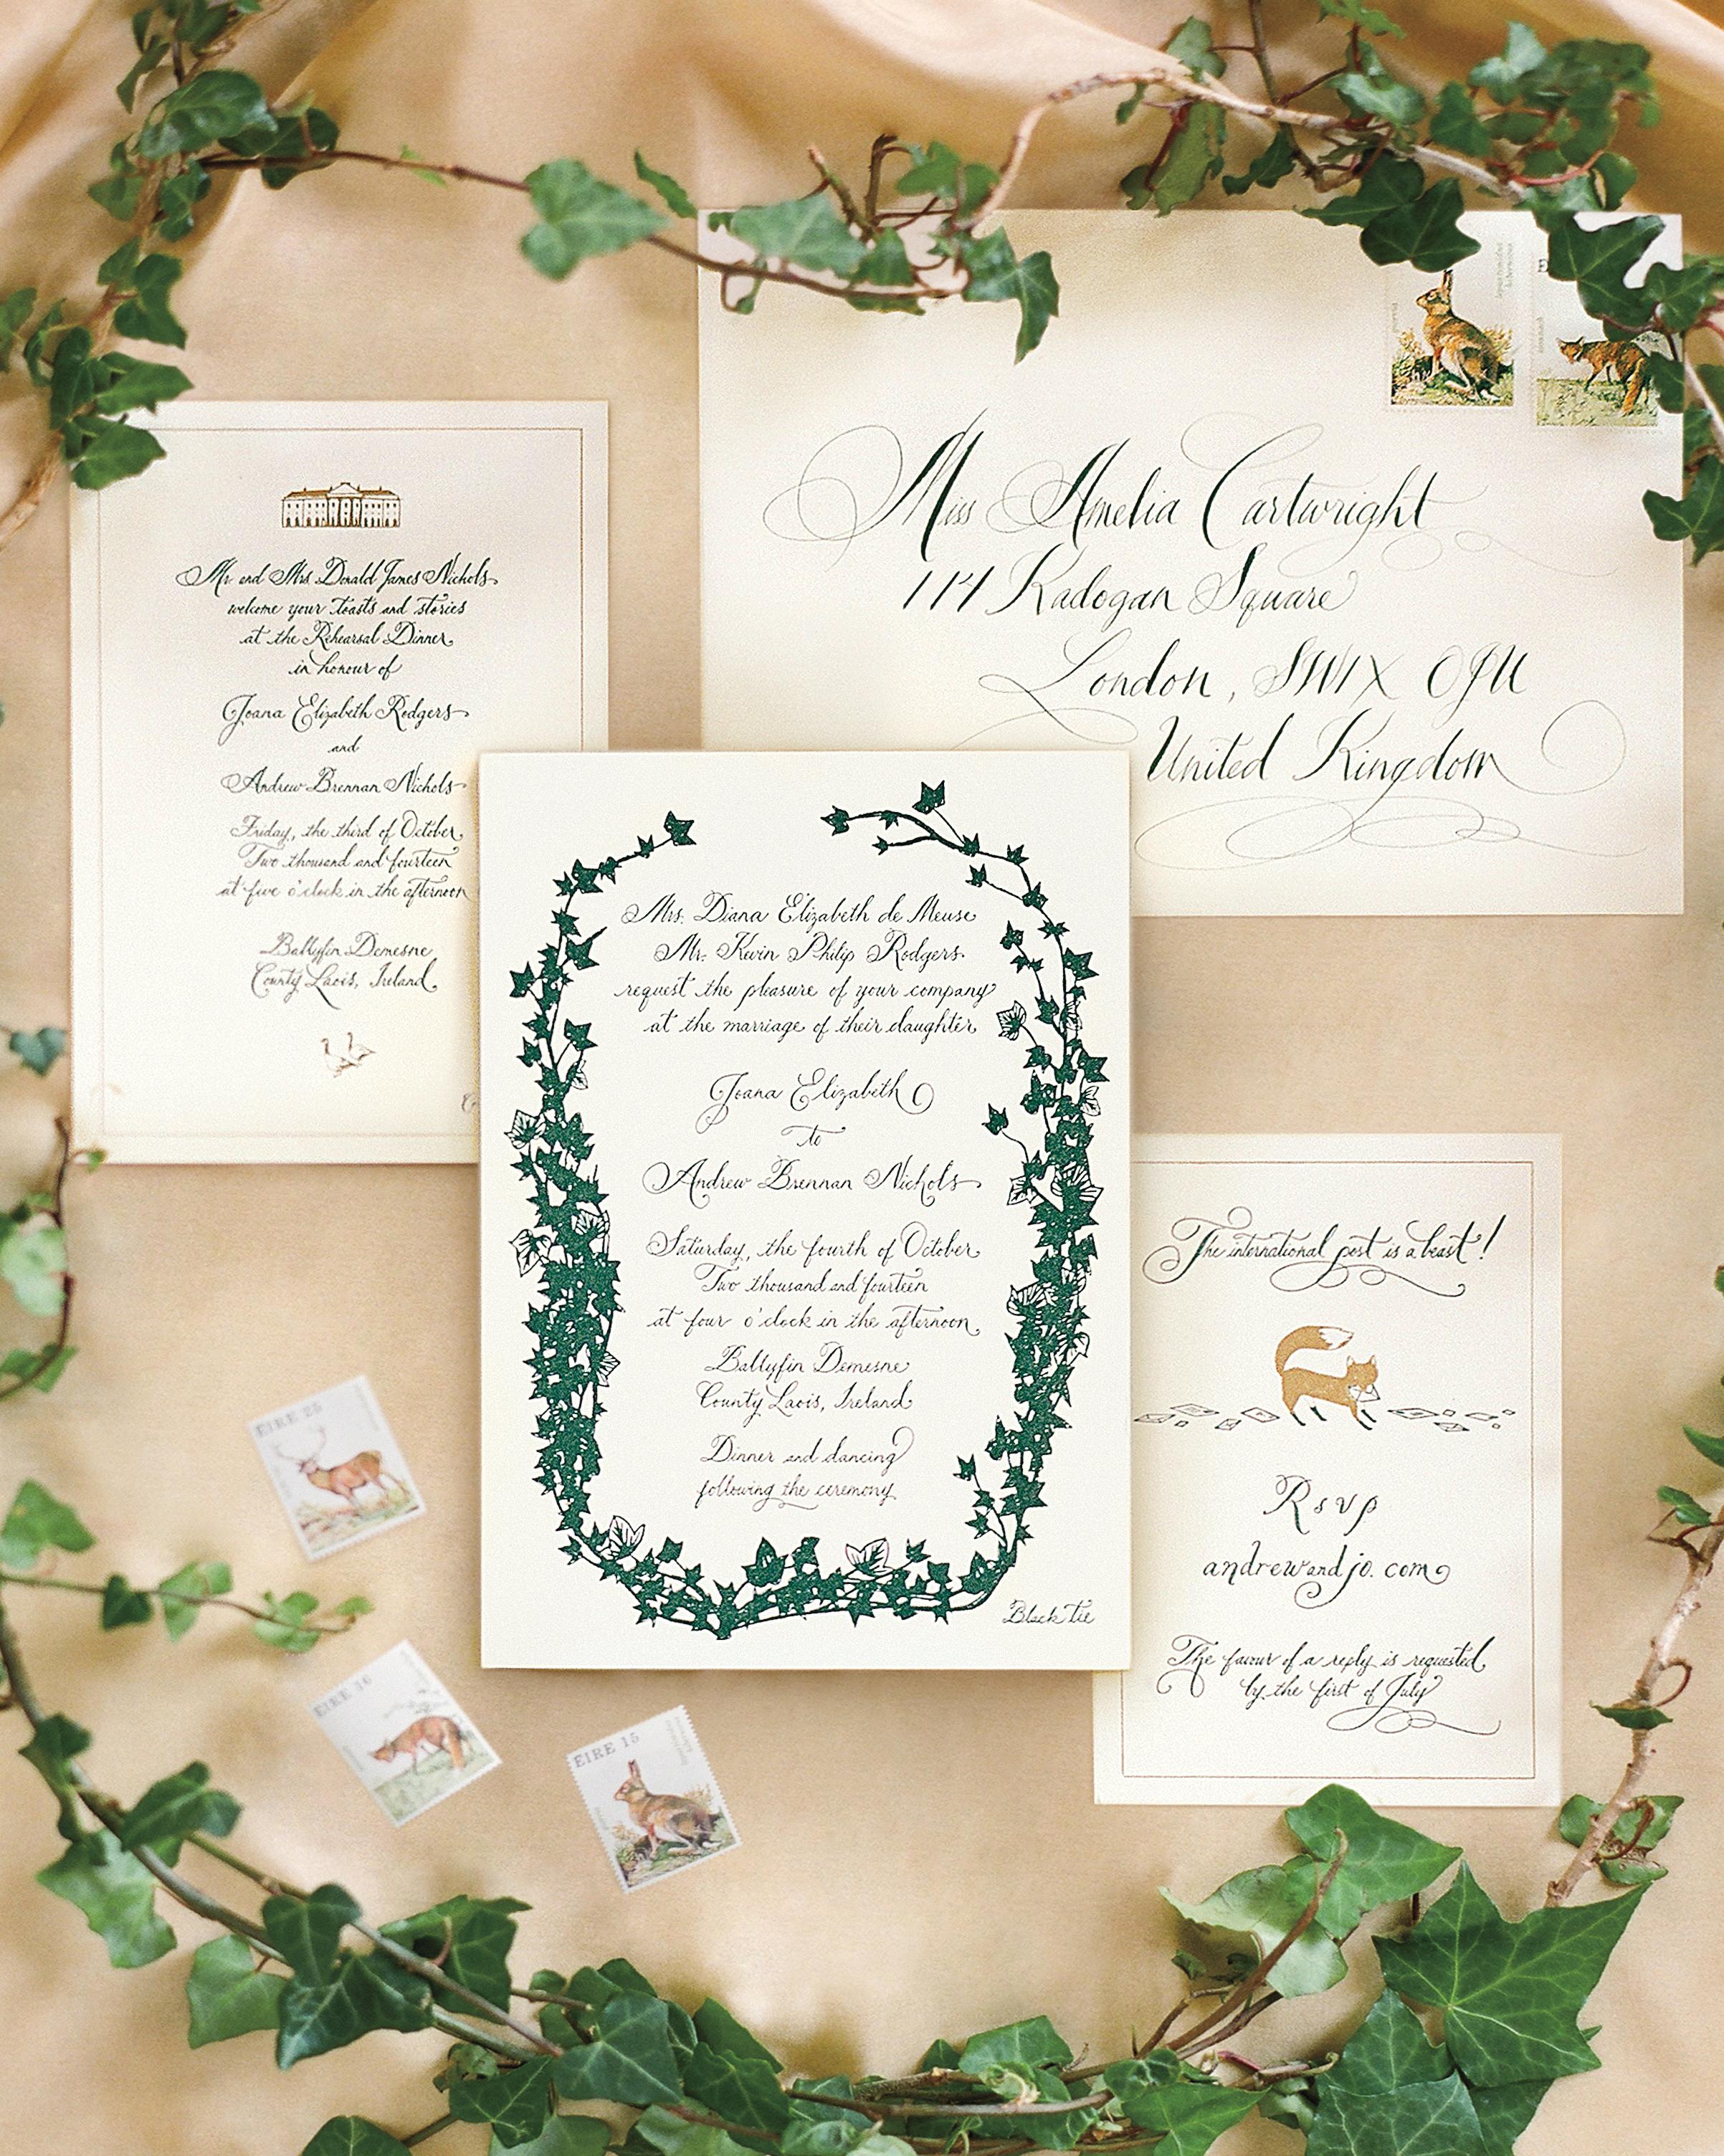 jo-andrew-wedding-ireland-composite-wc-final-s112147-r.jpg